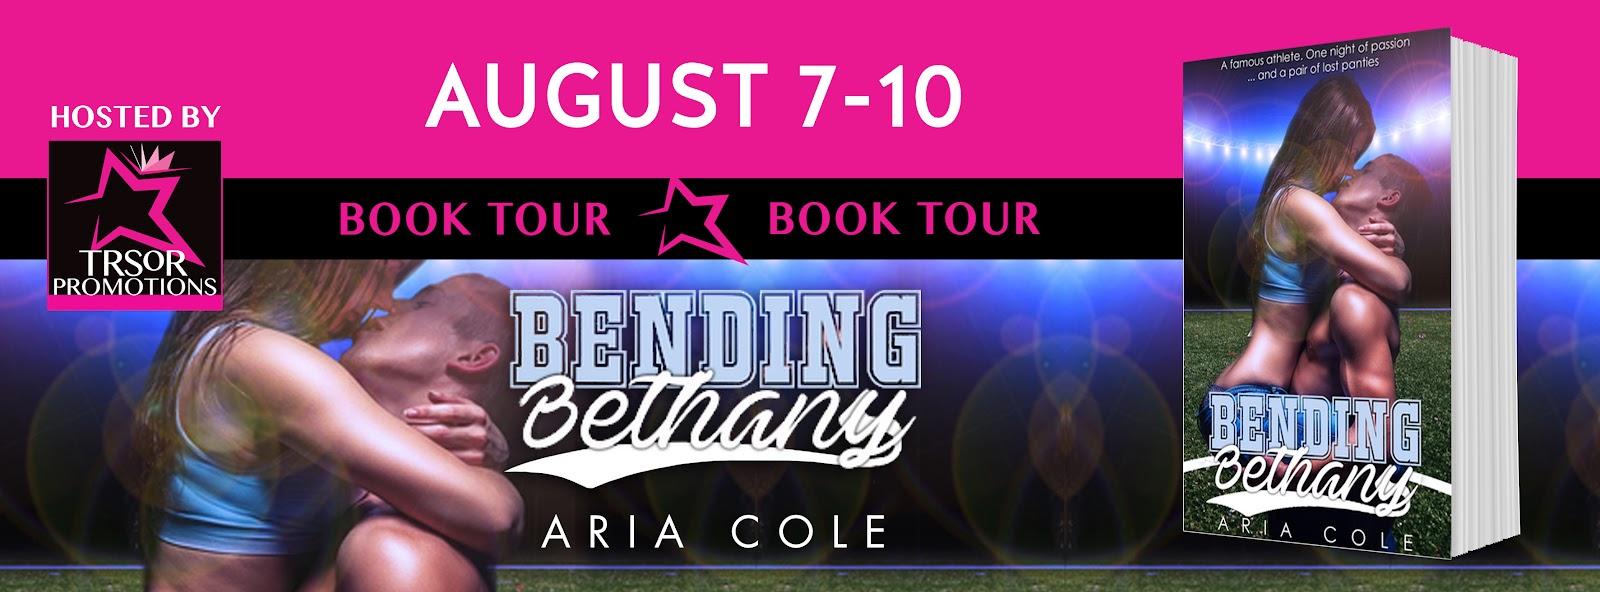 BENDING_BETHANY_BOOK_TOUR.jpg